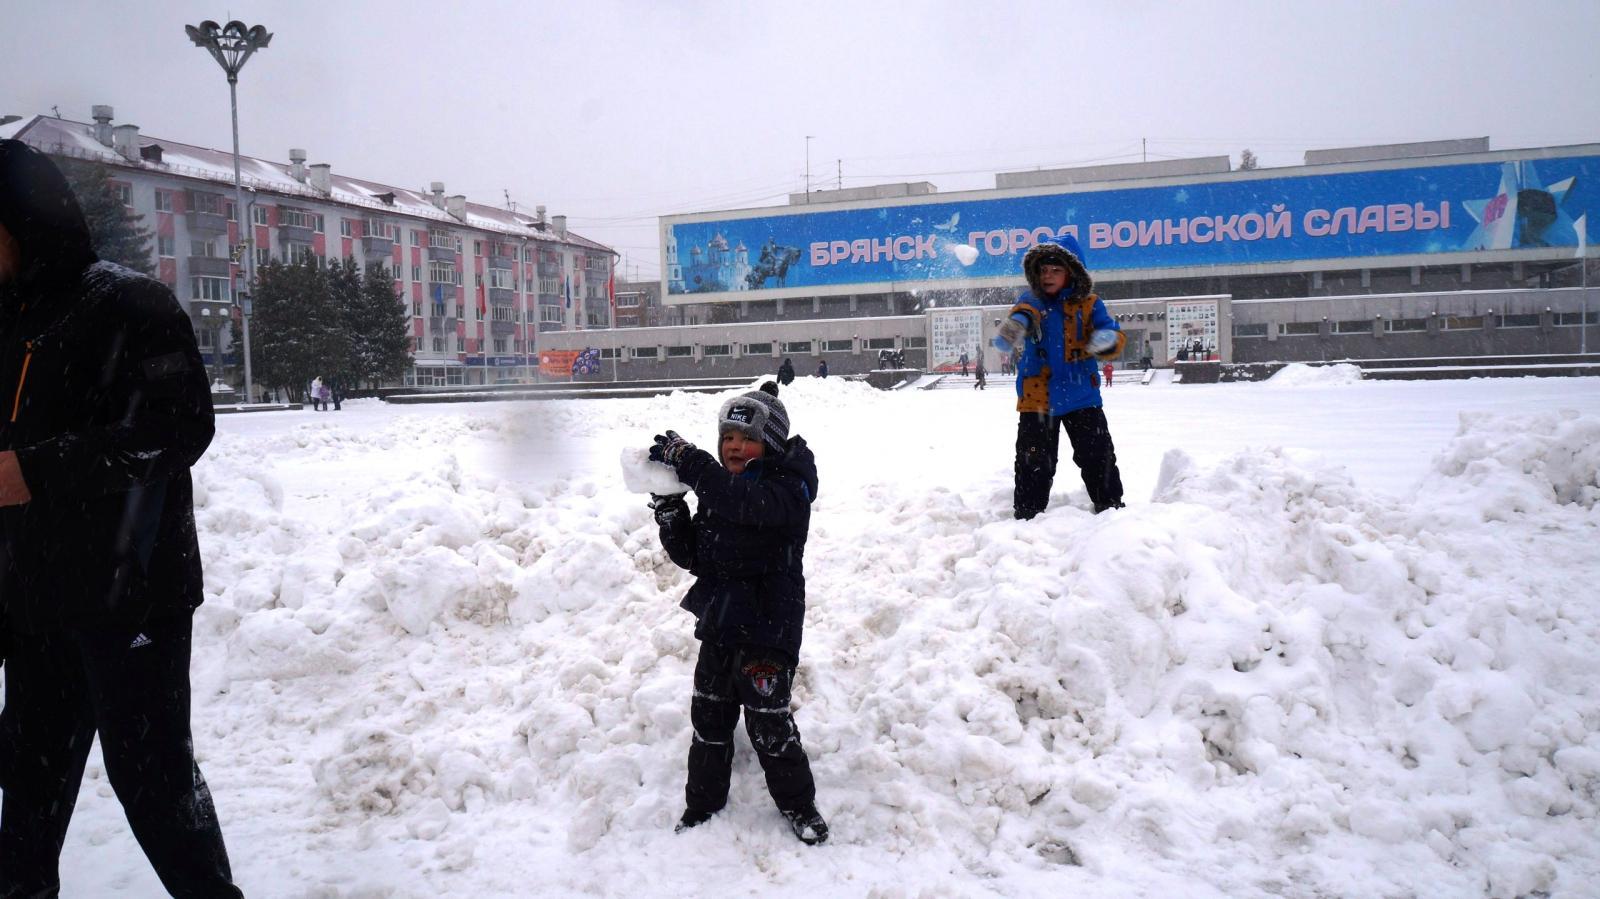 ВБрянске оглашен печальный прогноз погоды на октябрь